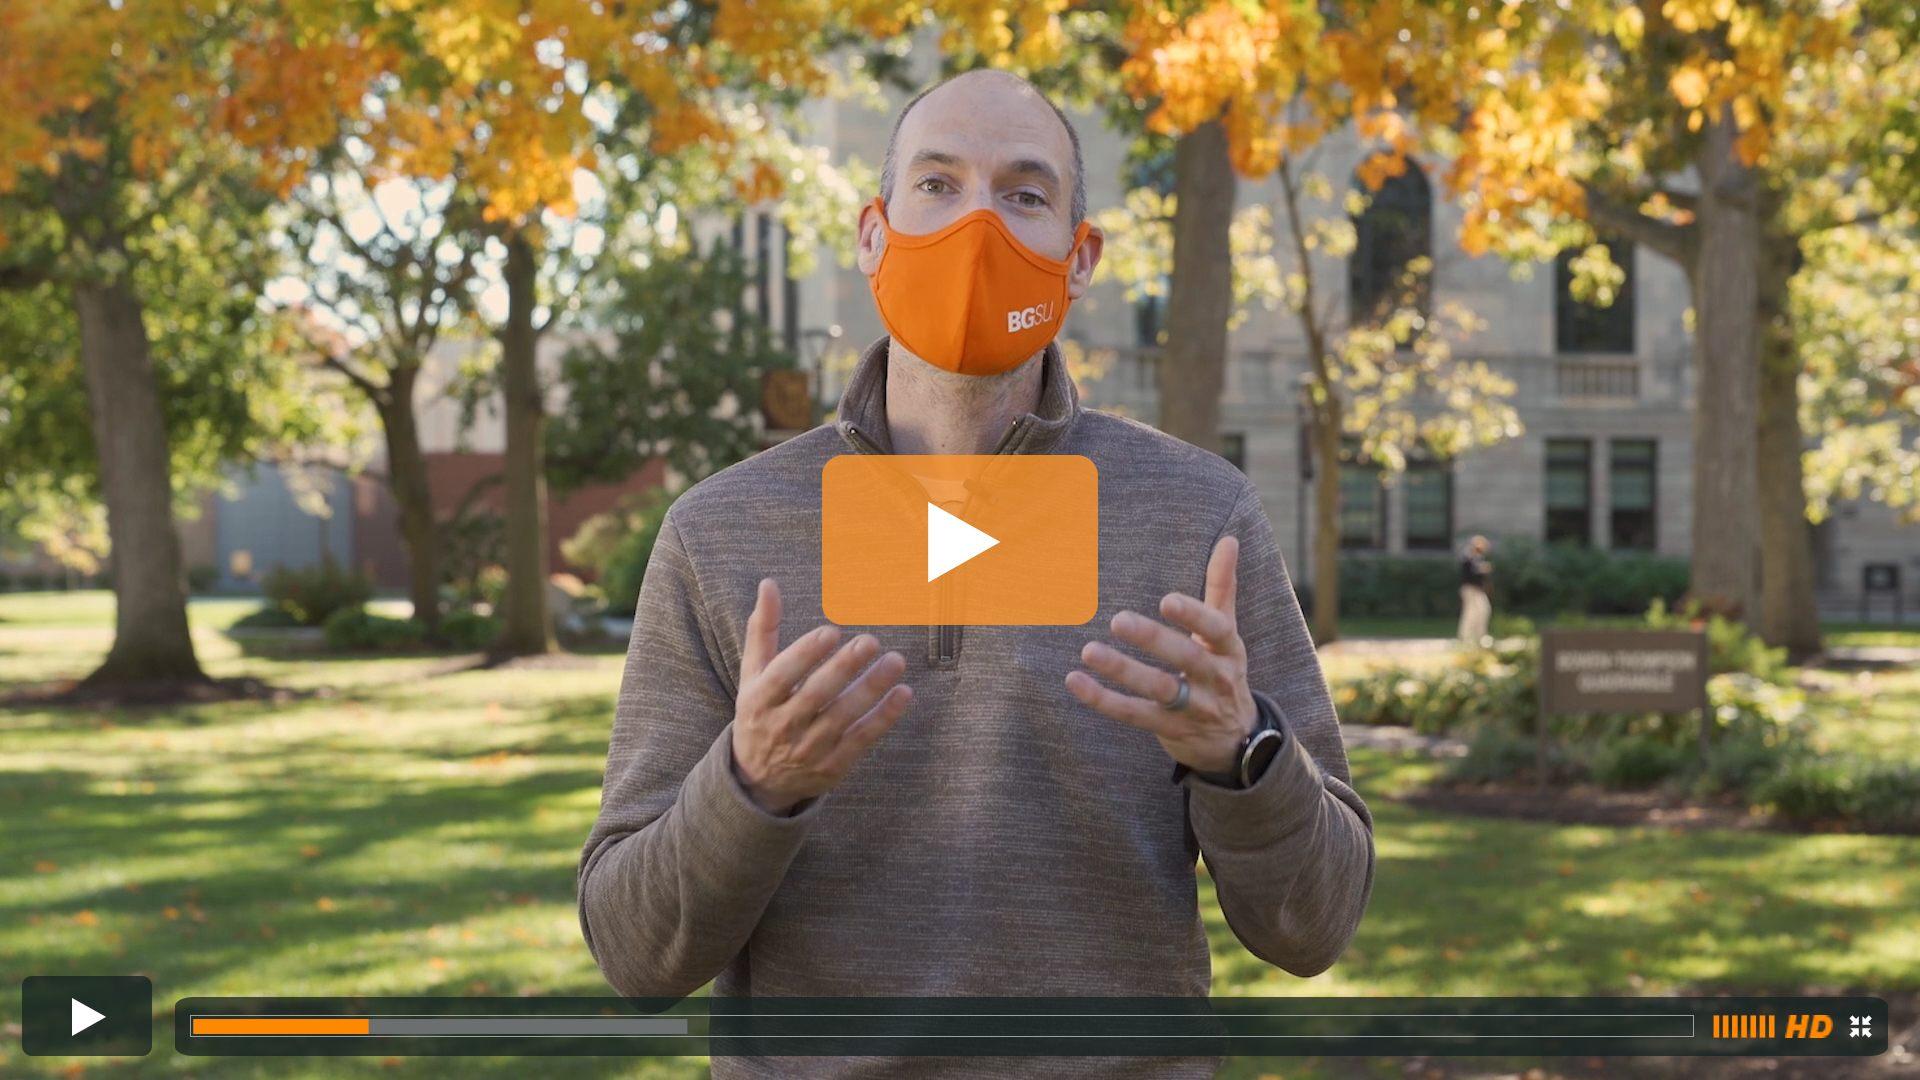 Watch BGSU Chief Health Officer Ben Batey's October 14 Video Update